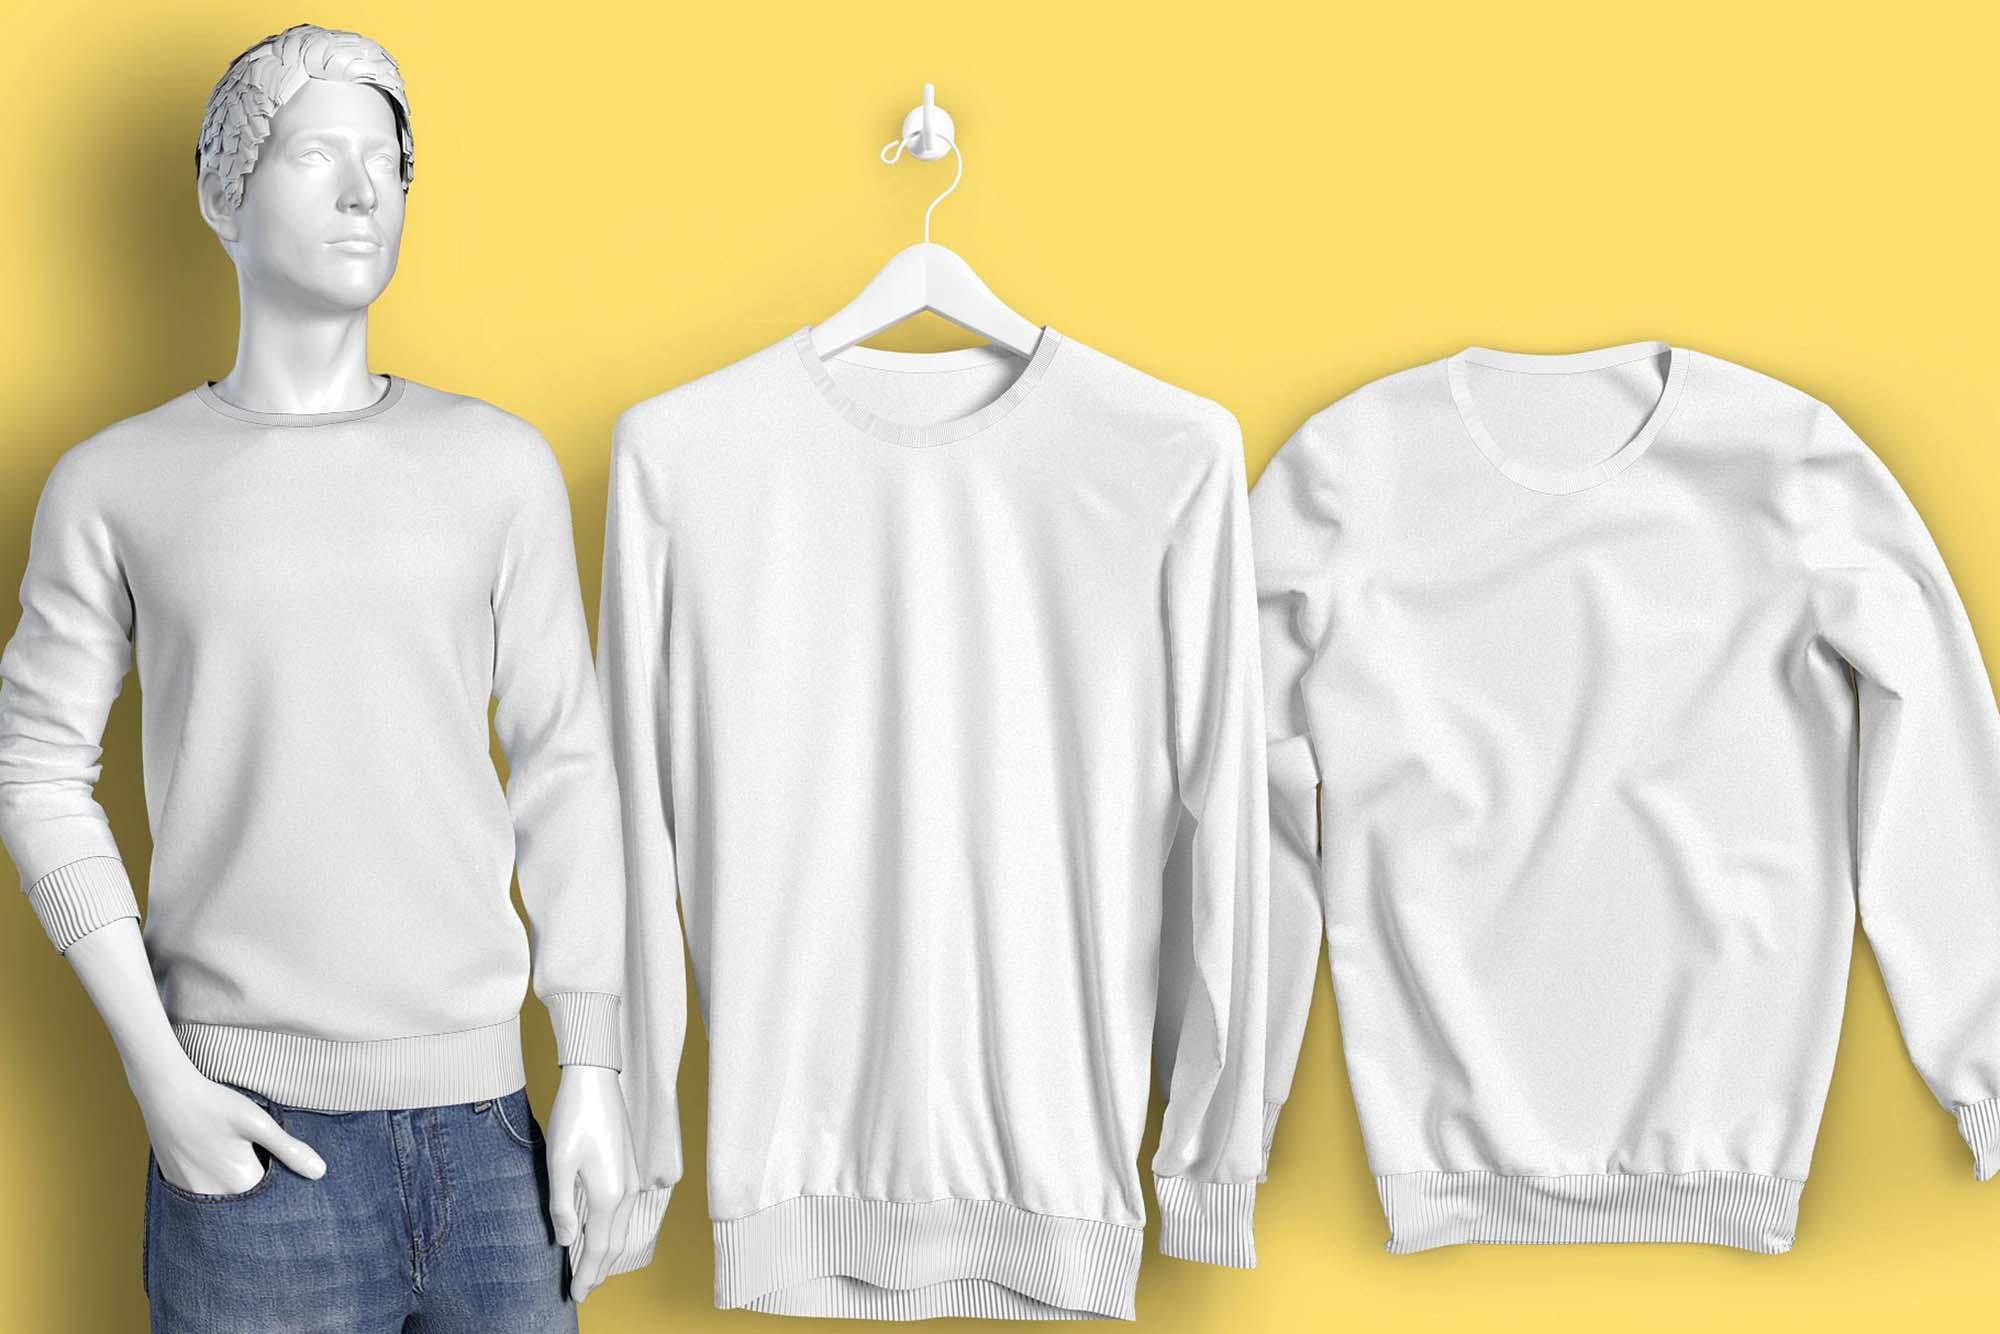 Long Sleeve T-Shirt Mockup 3